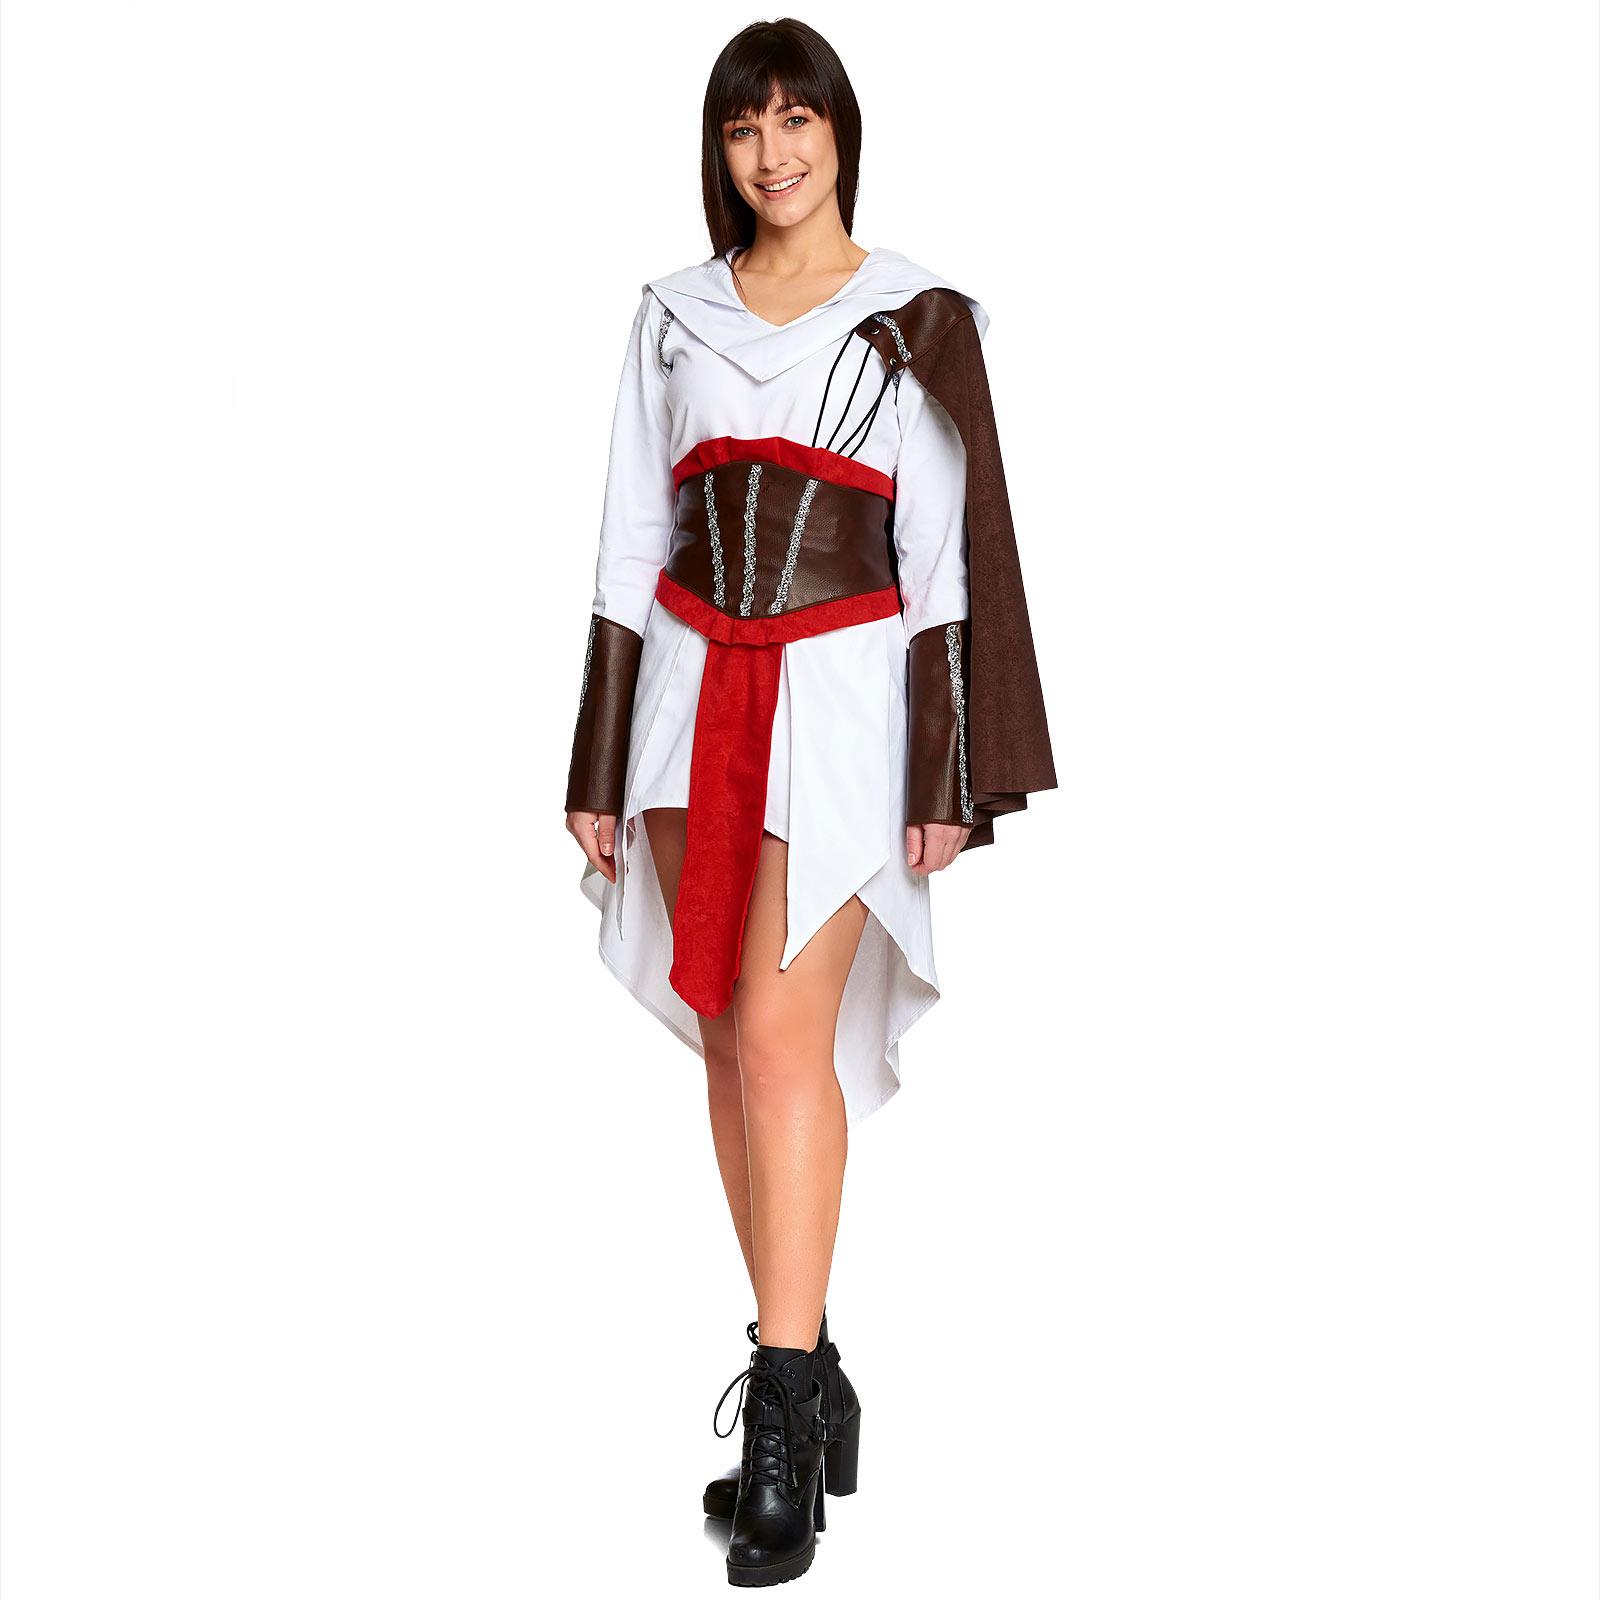 Assassinin Kostüm Damen für Assassins Creed Fans